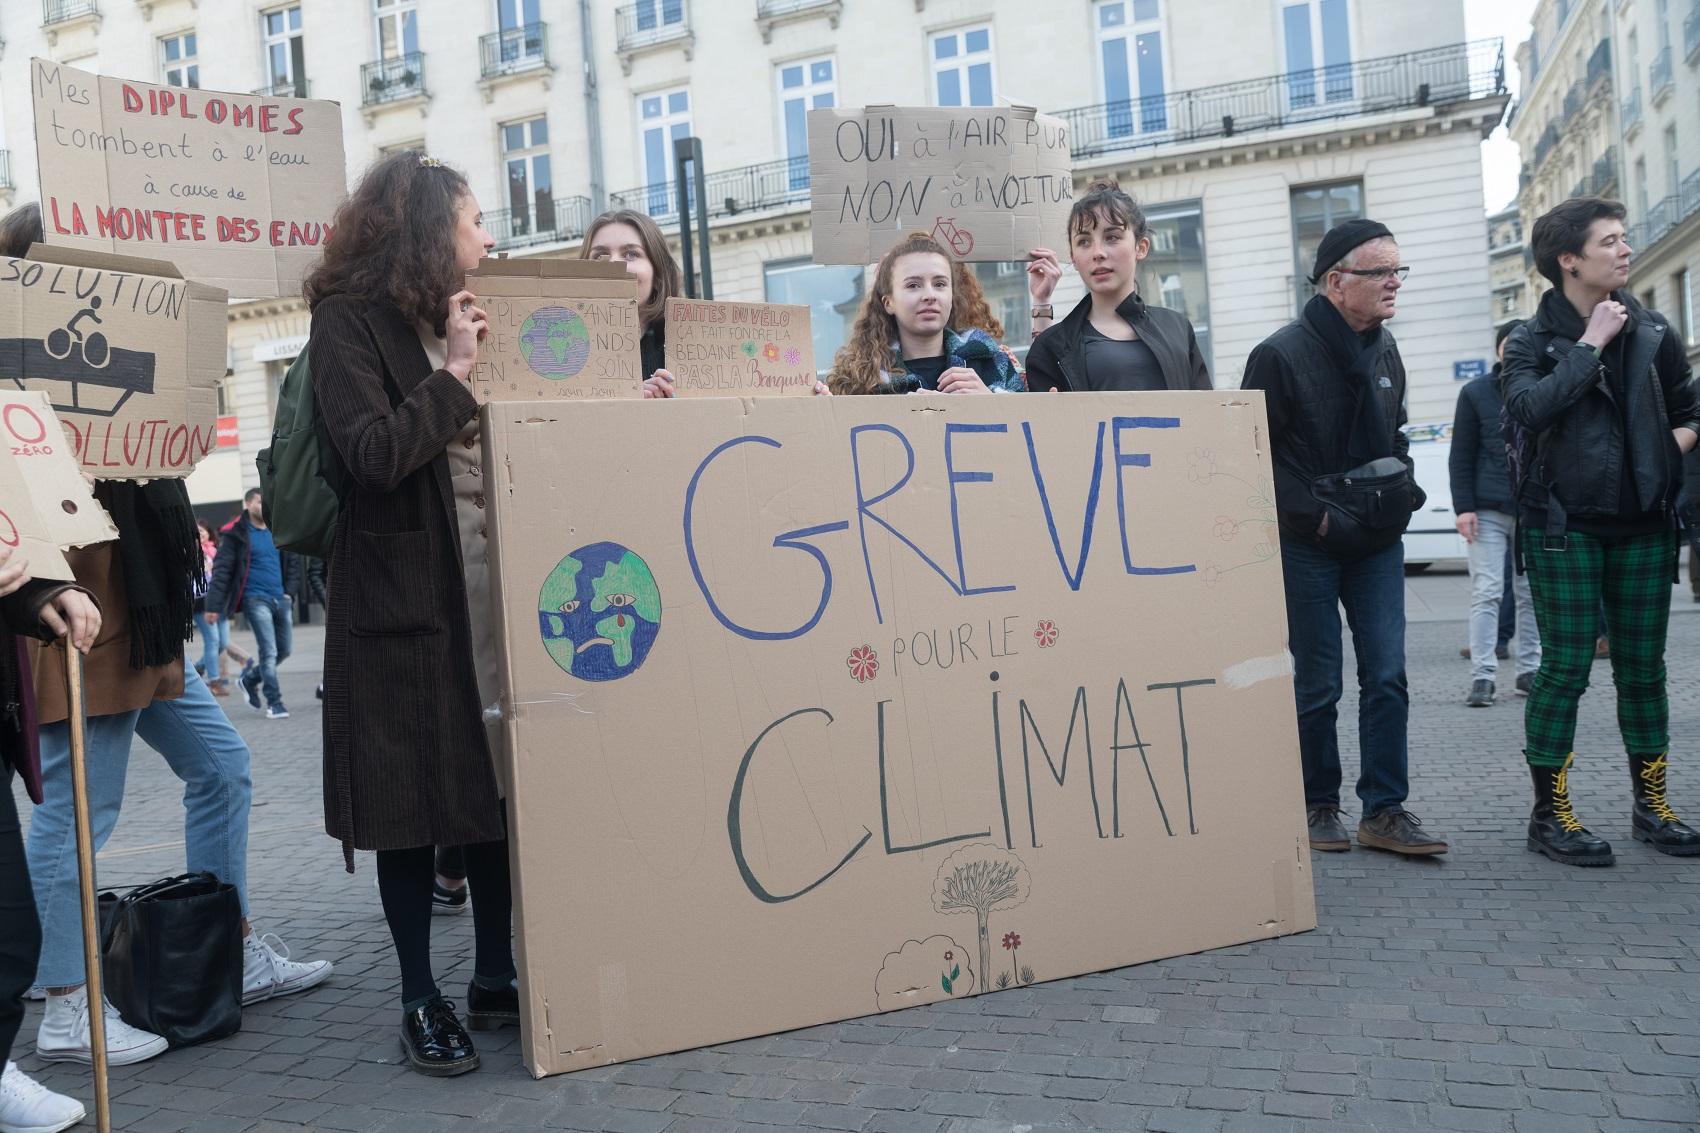 Manifestação de estudantes contra o aquecimento global em Nantes, na França: movimento espalhado pela Europa (Foto: Stelle Ruiz/Nurphoto)